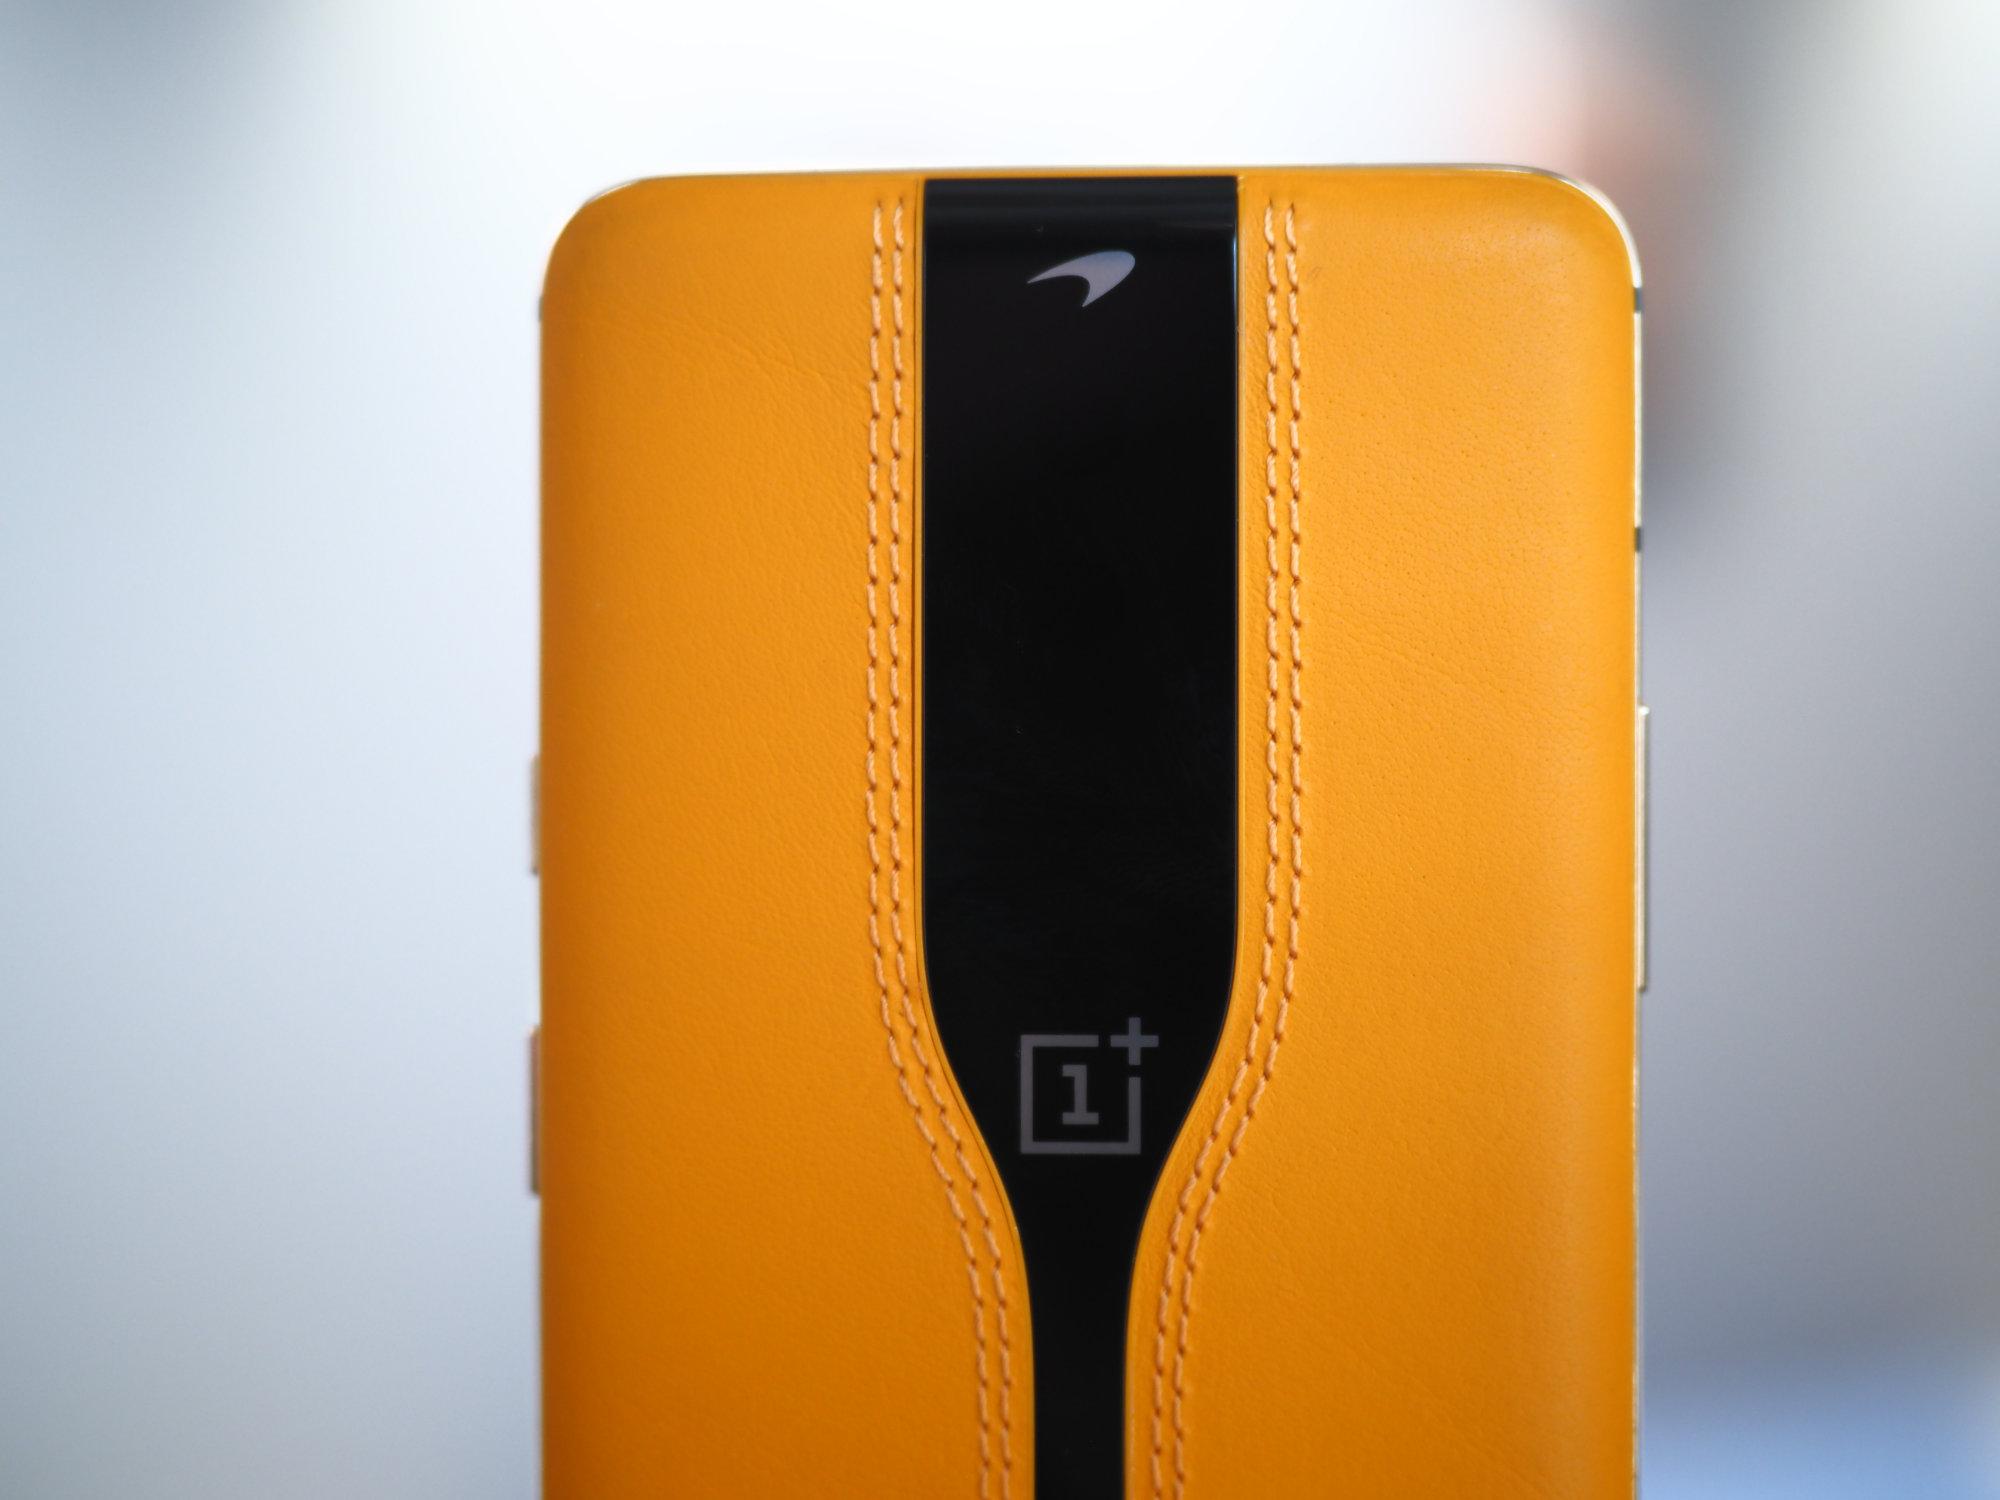 3 actualités qui ont marqué la semaine : Wi-Fi 6E, OnePlus Concept One et Playstation 5